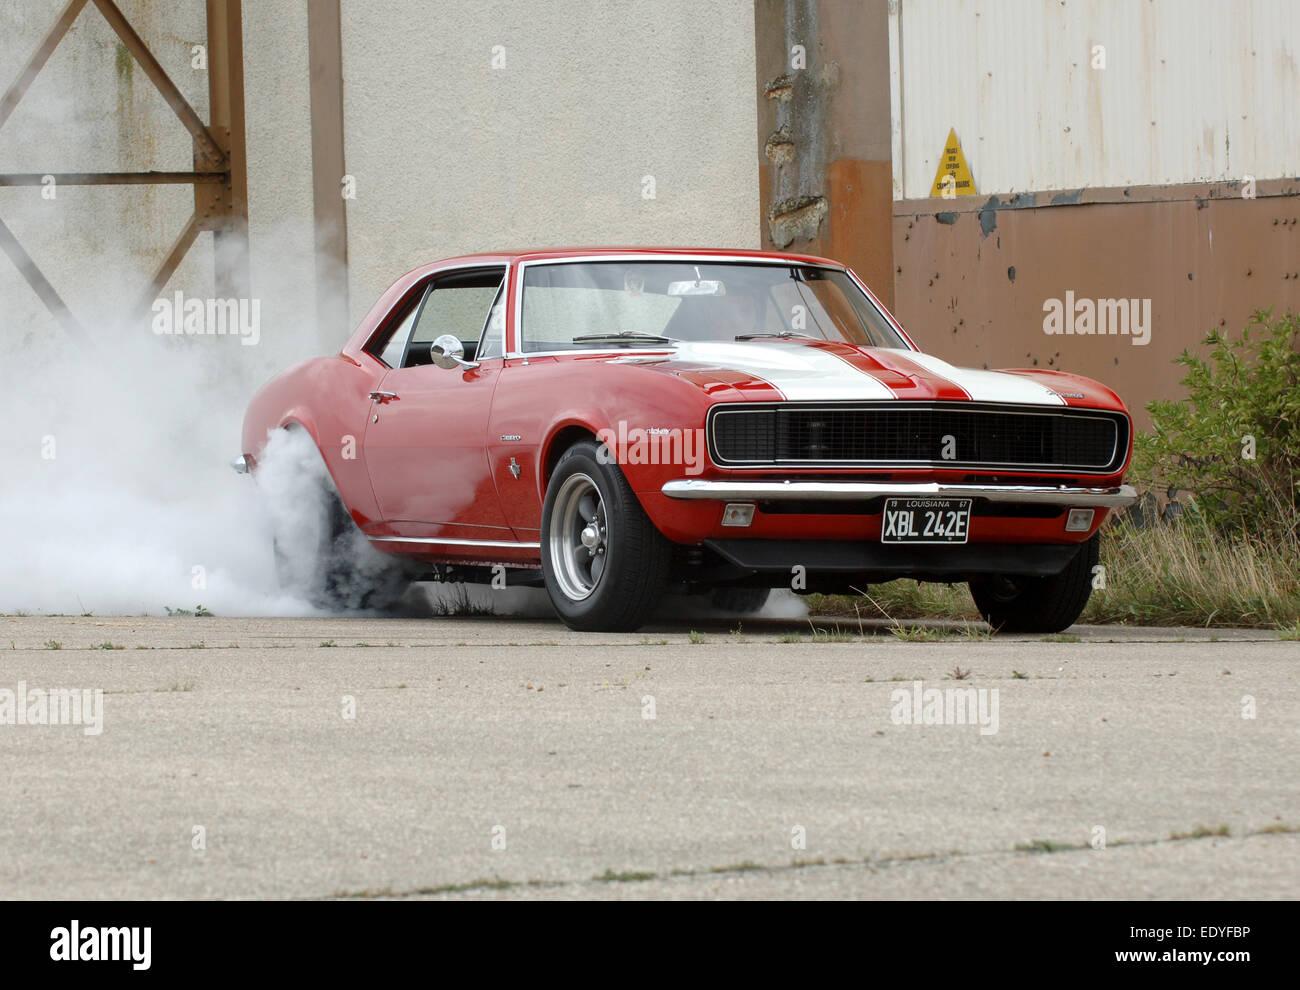 Muscle Car Burnout Stock Photos Muscle Car Burnout Stock Images